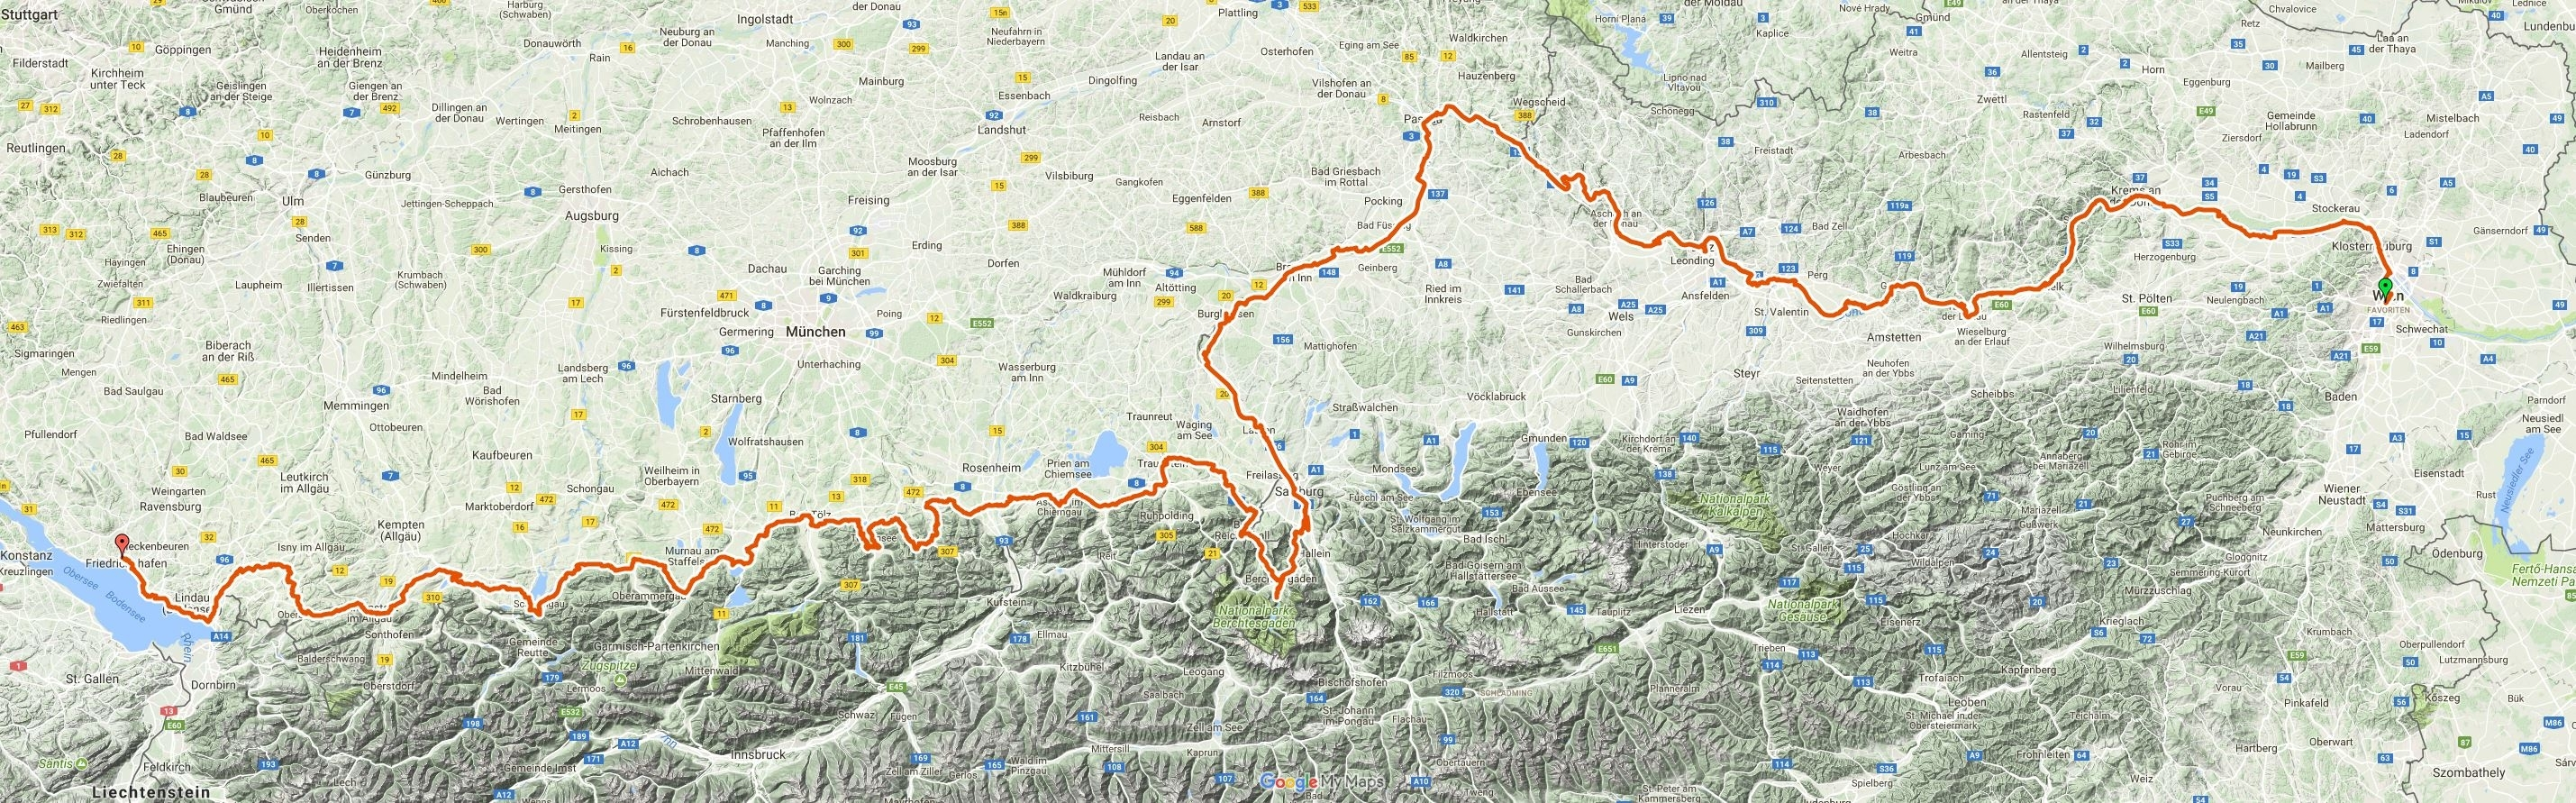 Geplante Route Wien - Passau - Salzburg - Königssee - Bodensee